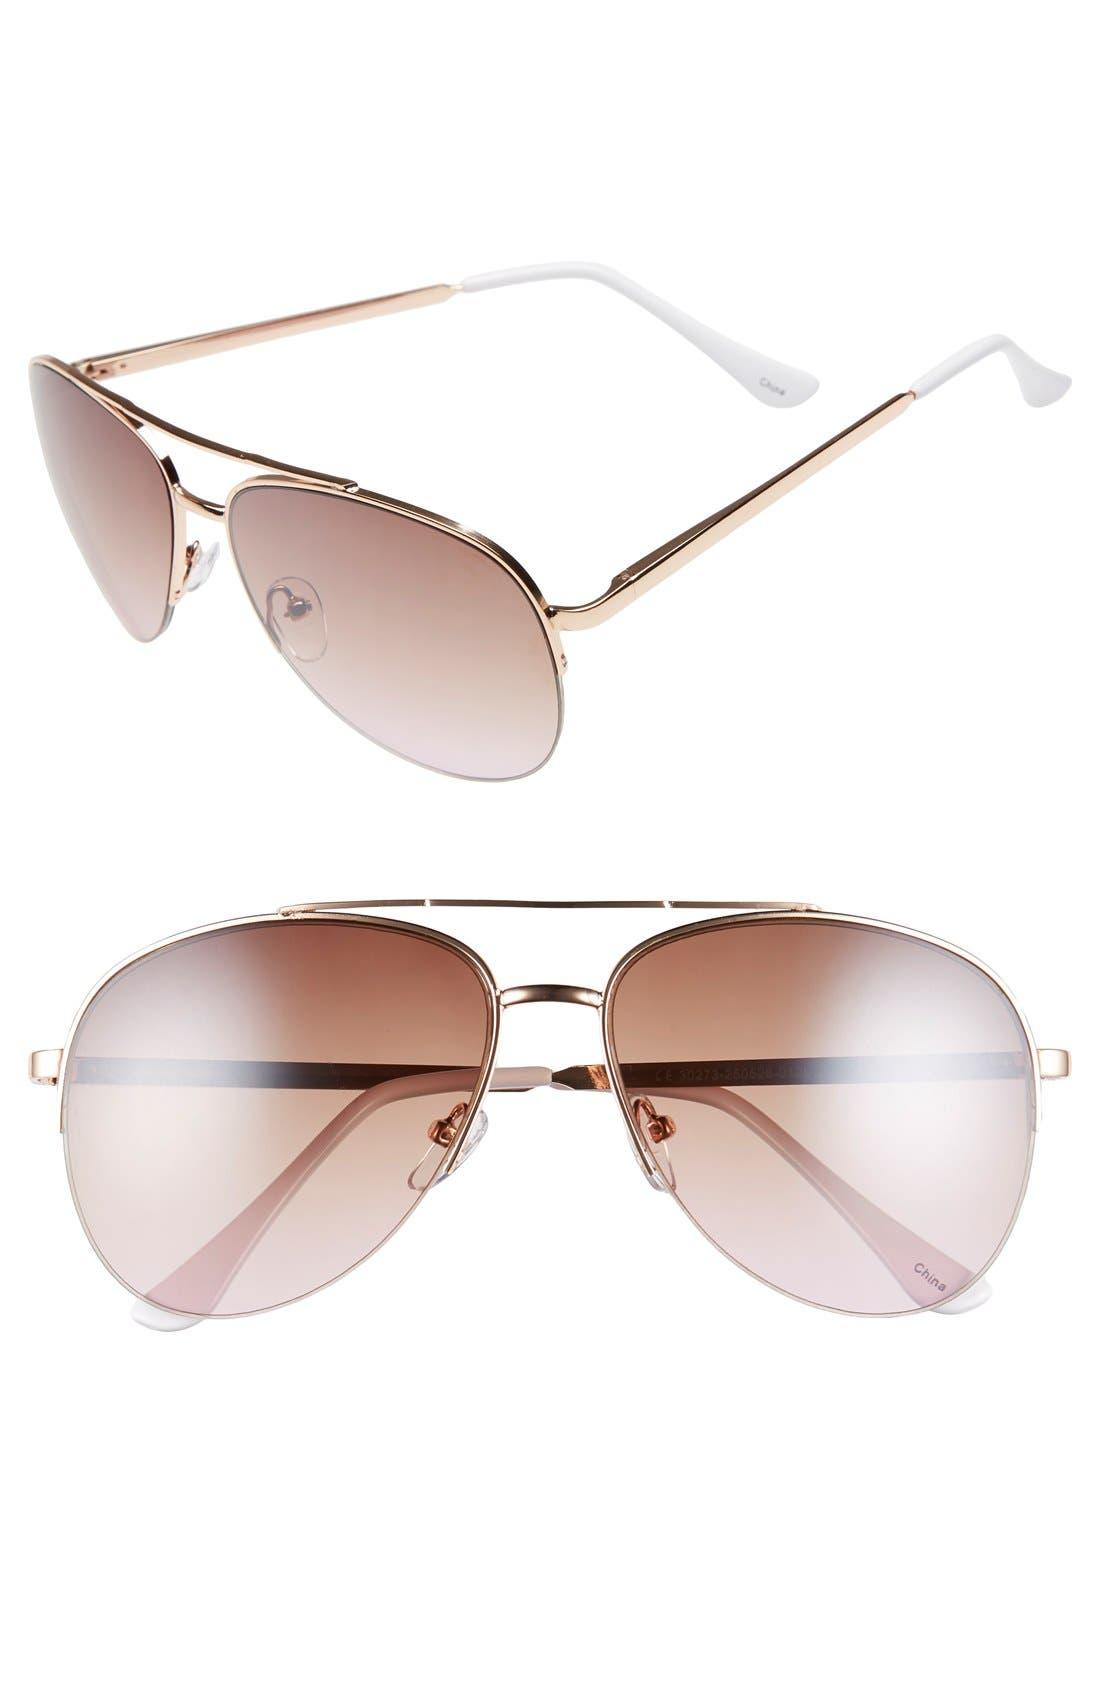 Main Image - BP. 60mm Gradient Metal Aviator Sunglasses